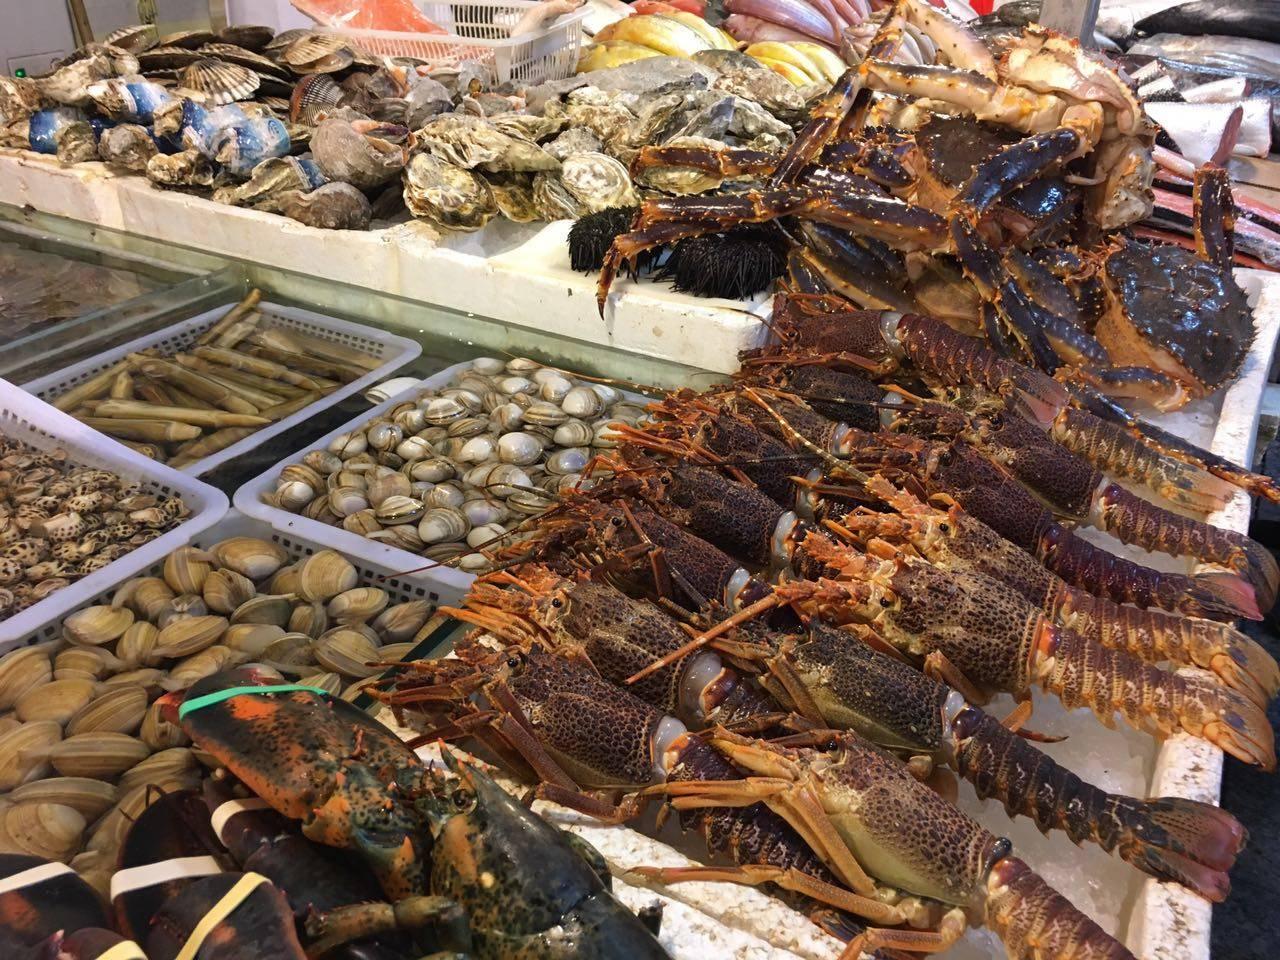 67号海鲜摊,这家老板在三源里拥有最多地盘,一连4个摊位都是他们家的。